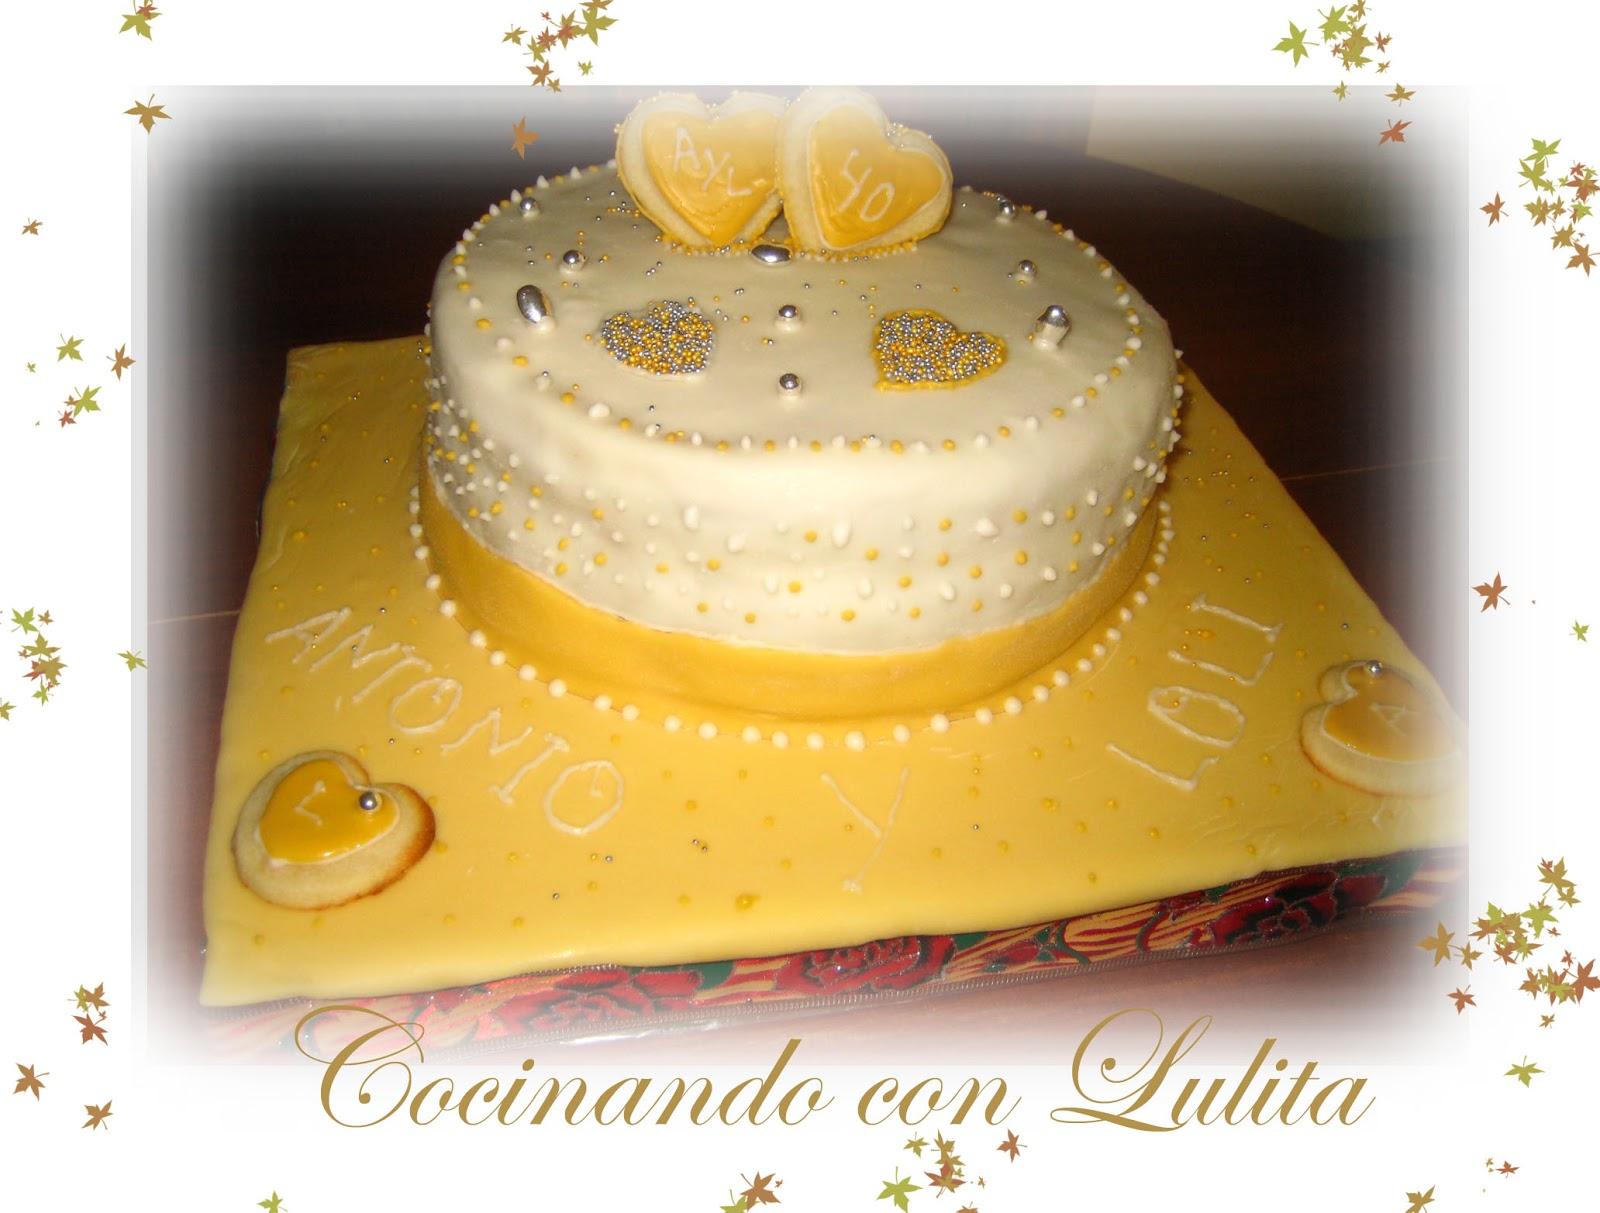 Cocinando con lulita enero 2011 for Cocinando 15 minutos con jamie